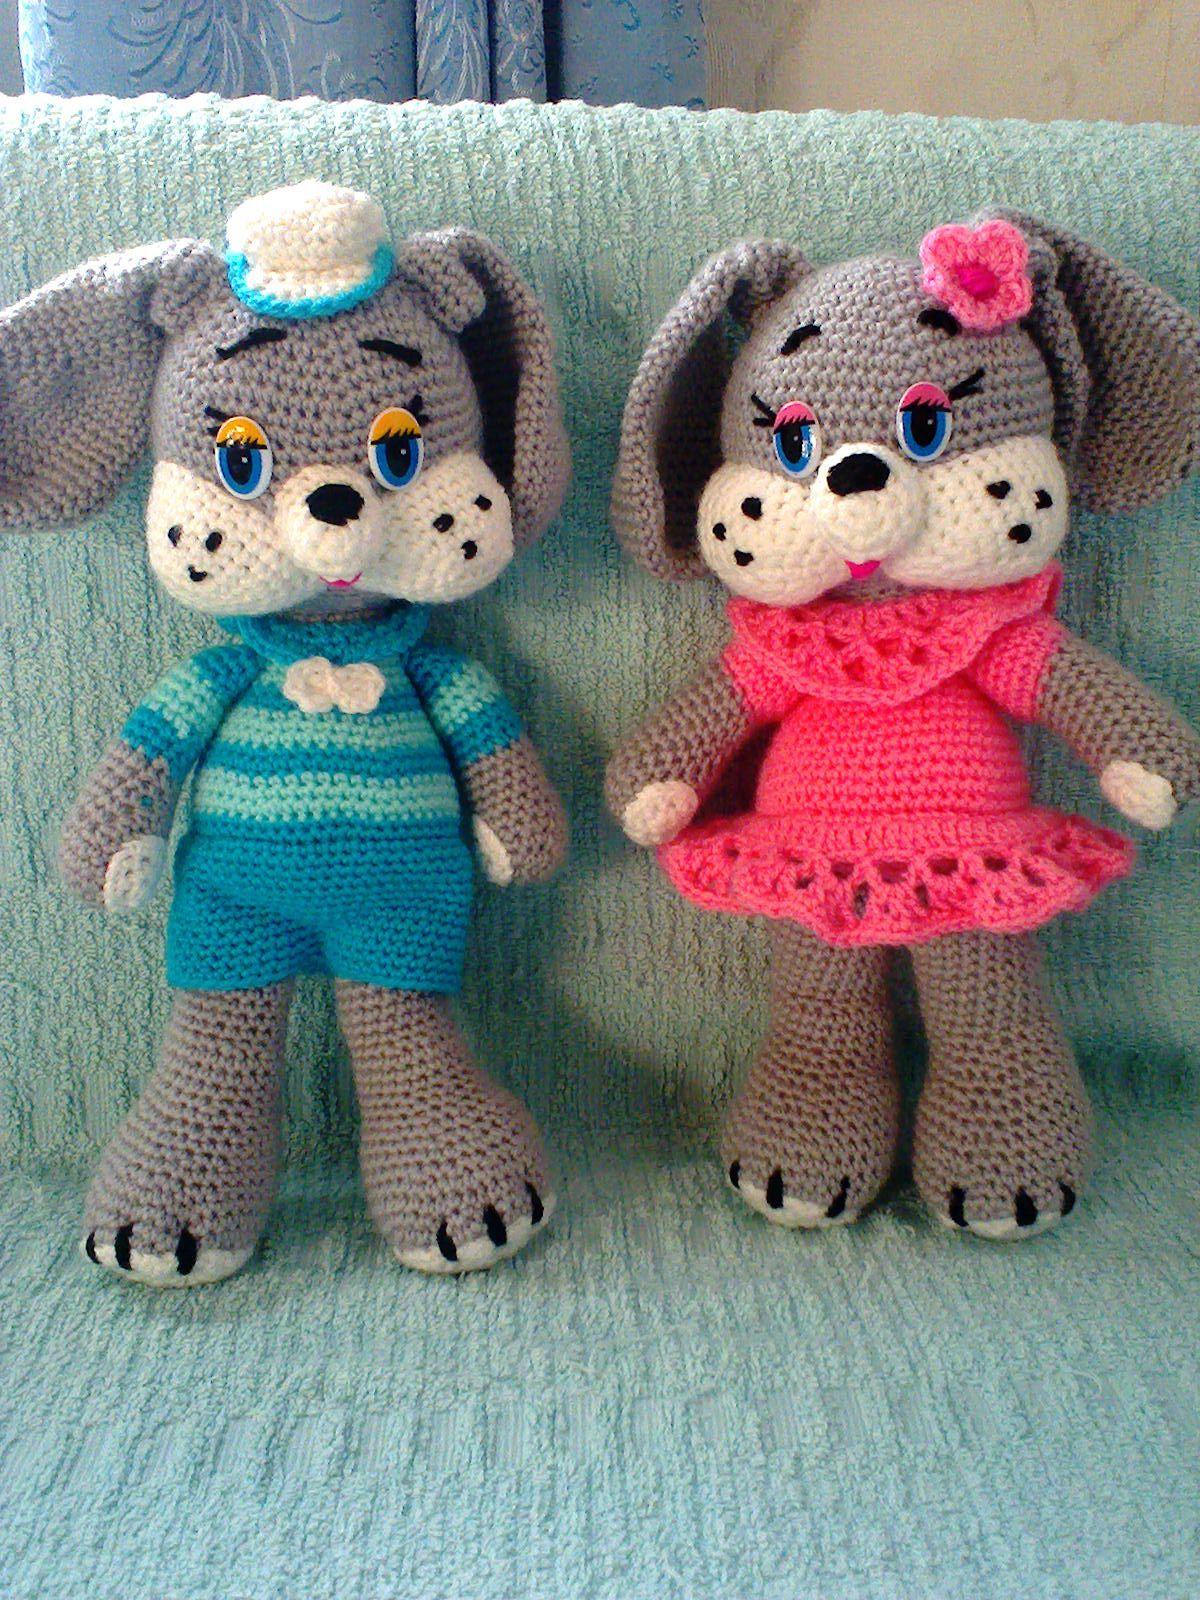 вязанаяигрушка кукланазаказ вязание подарокдетям кукласвоимируками